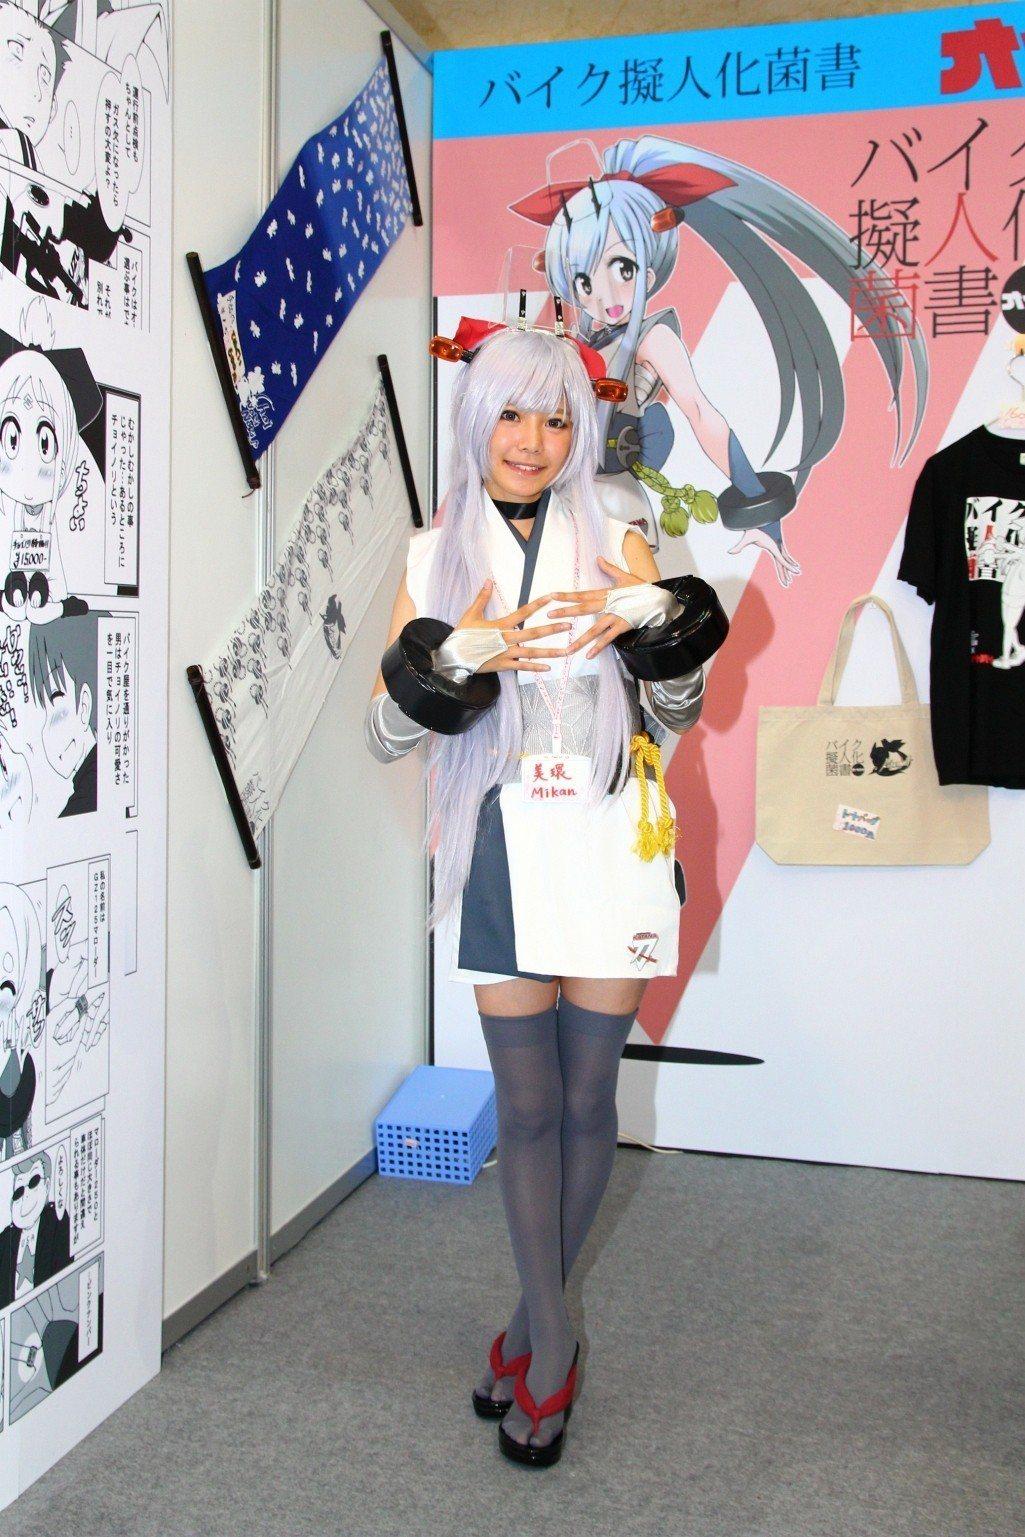 美環(Mikan)是日本的知名coser,展期間將會化身為《摩托車擬人化菌書》封面上的Suzuki GSX1100S Katana摩托車擬人角色。 記者張振群/攝影